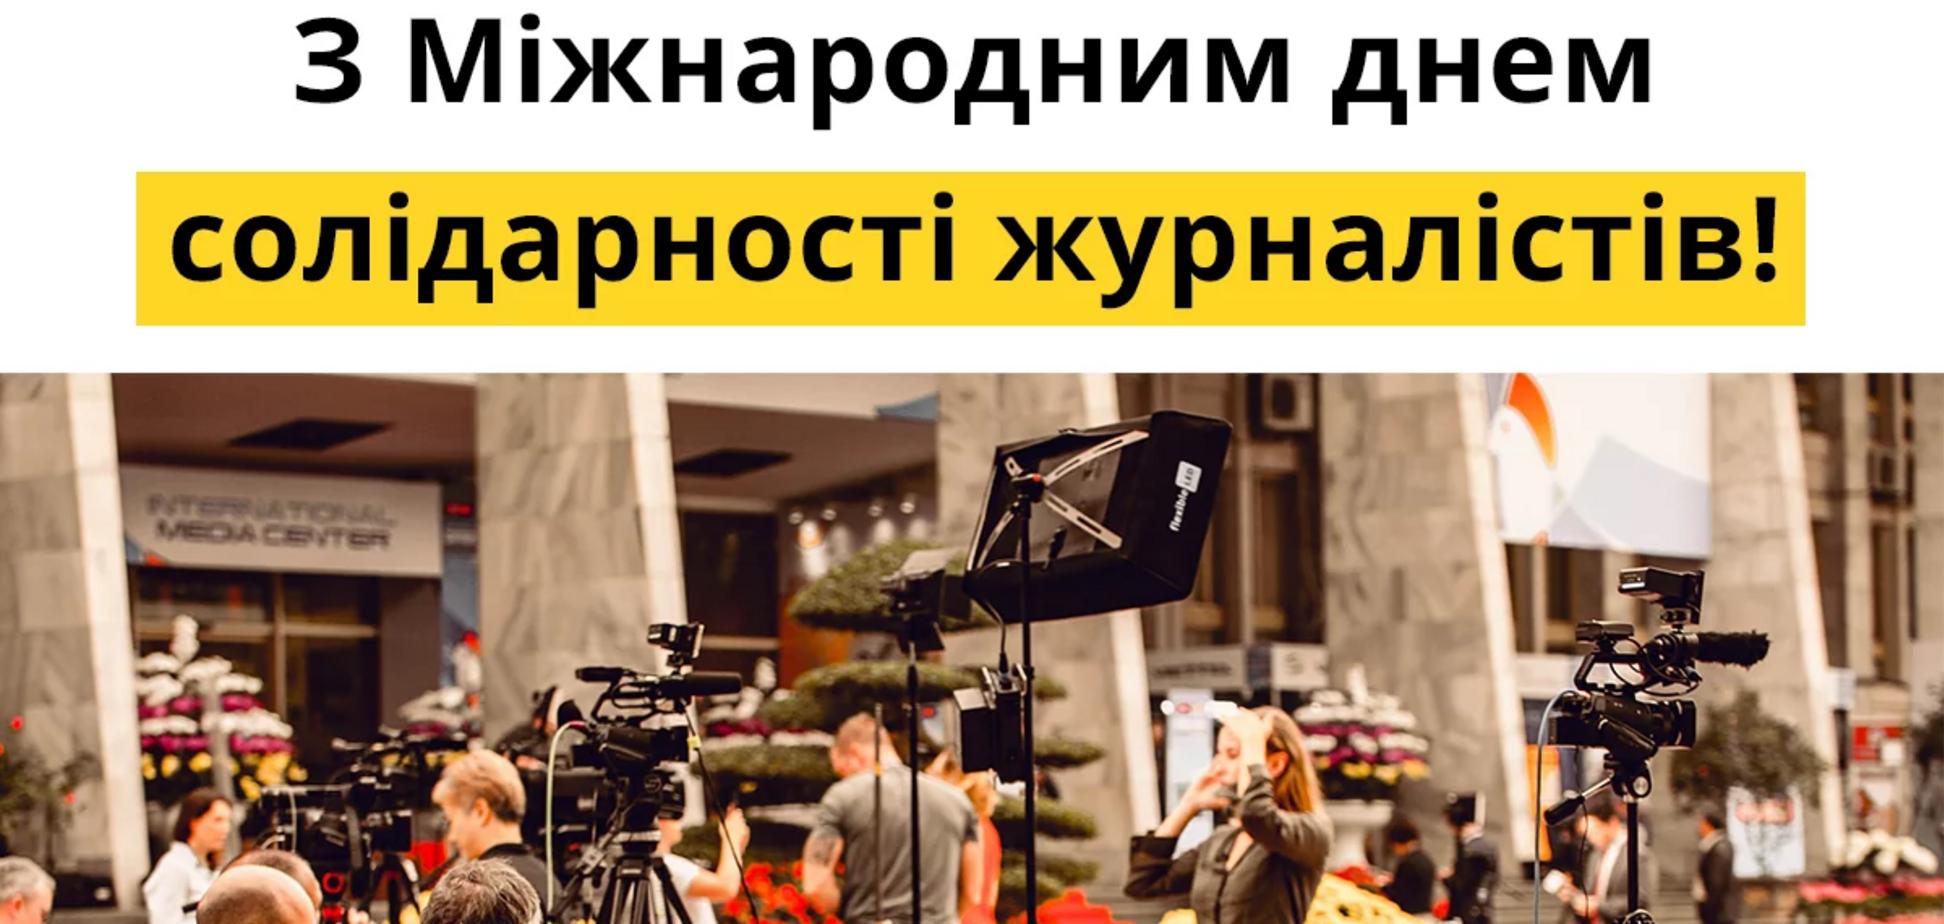 Международный день солидарности журналистов был провозглашен в 1958 году